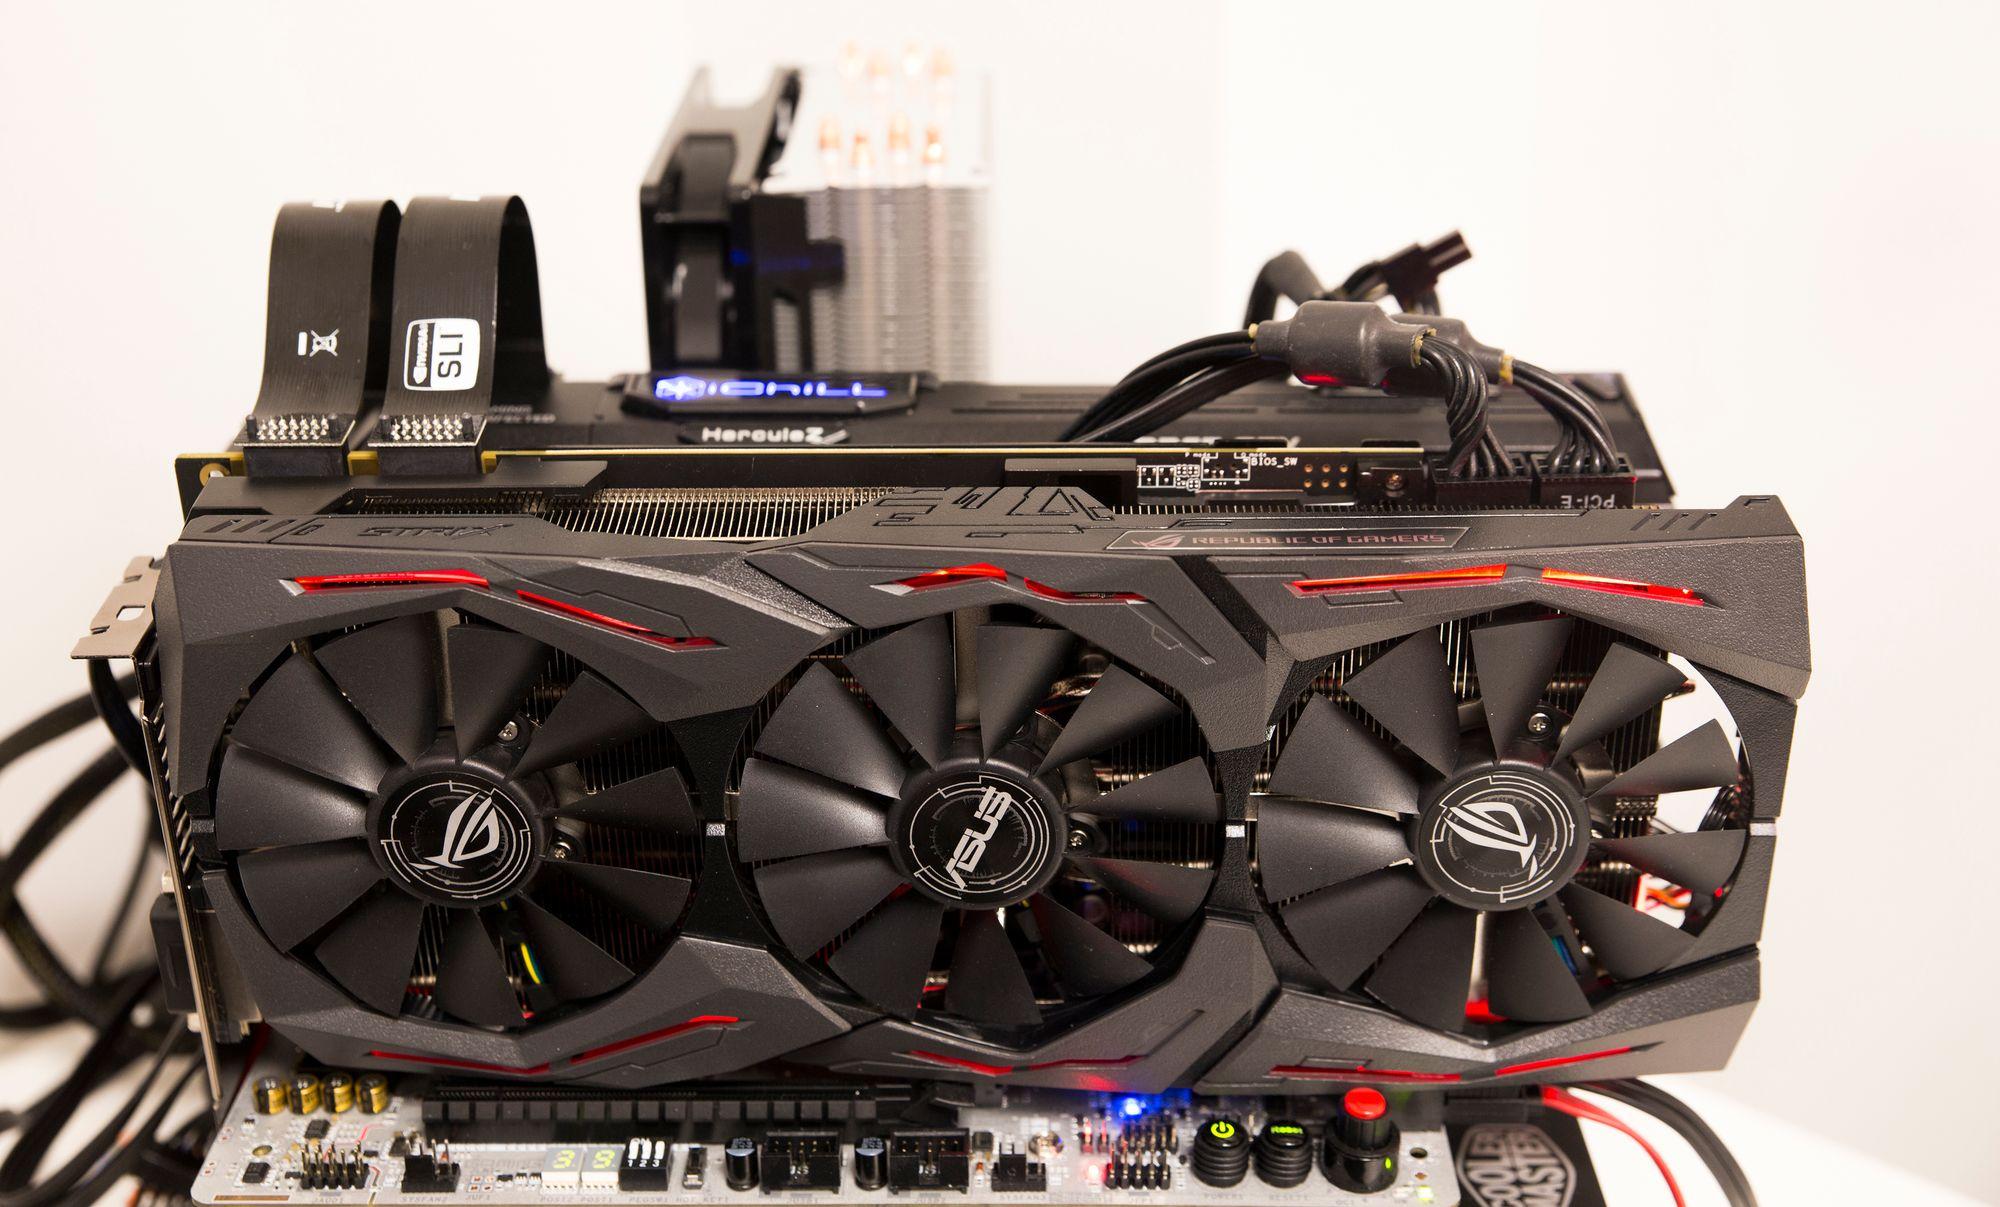 15f93c40 Vi tester Asus GTX 1080 Ti Strix OC sammen med vår testvinner fra Inno3D,  iChill